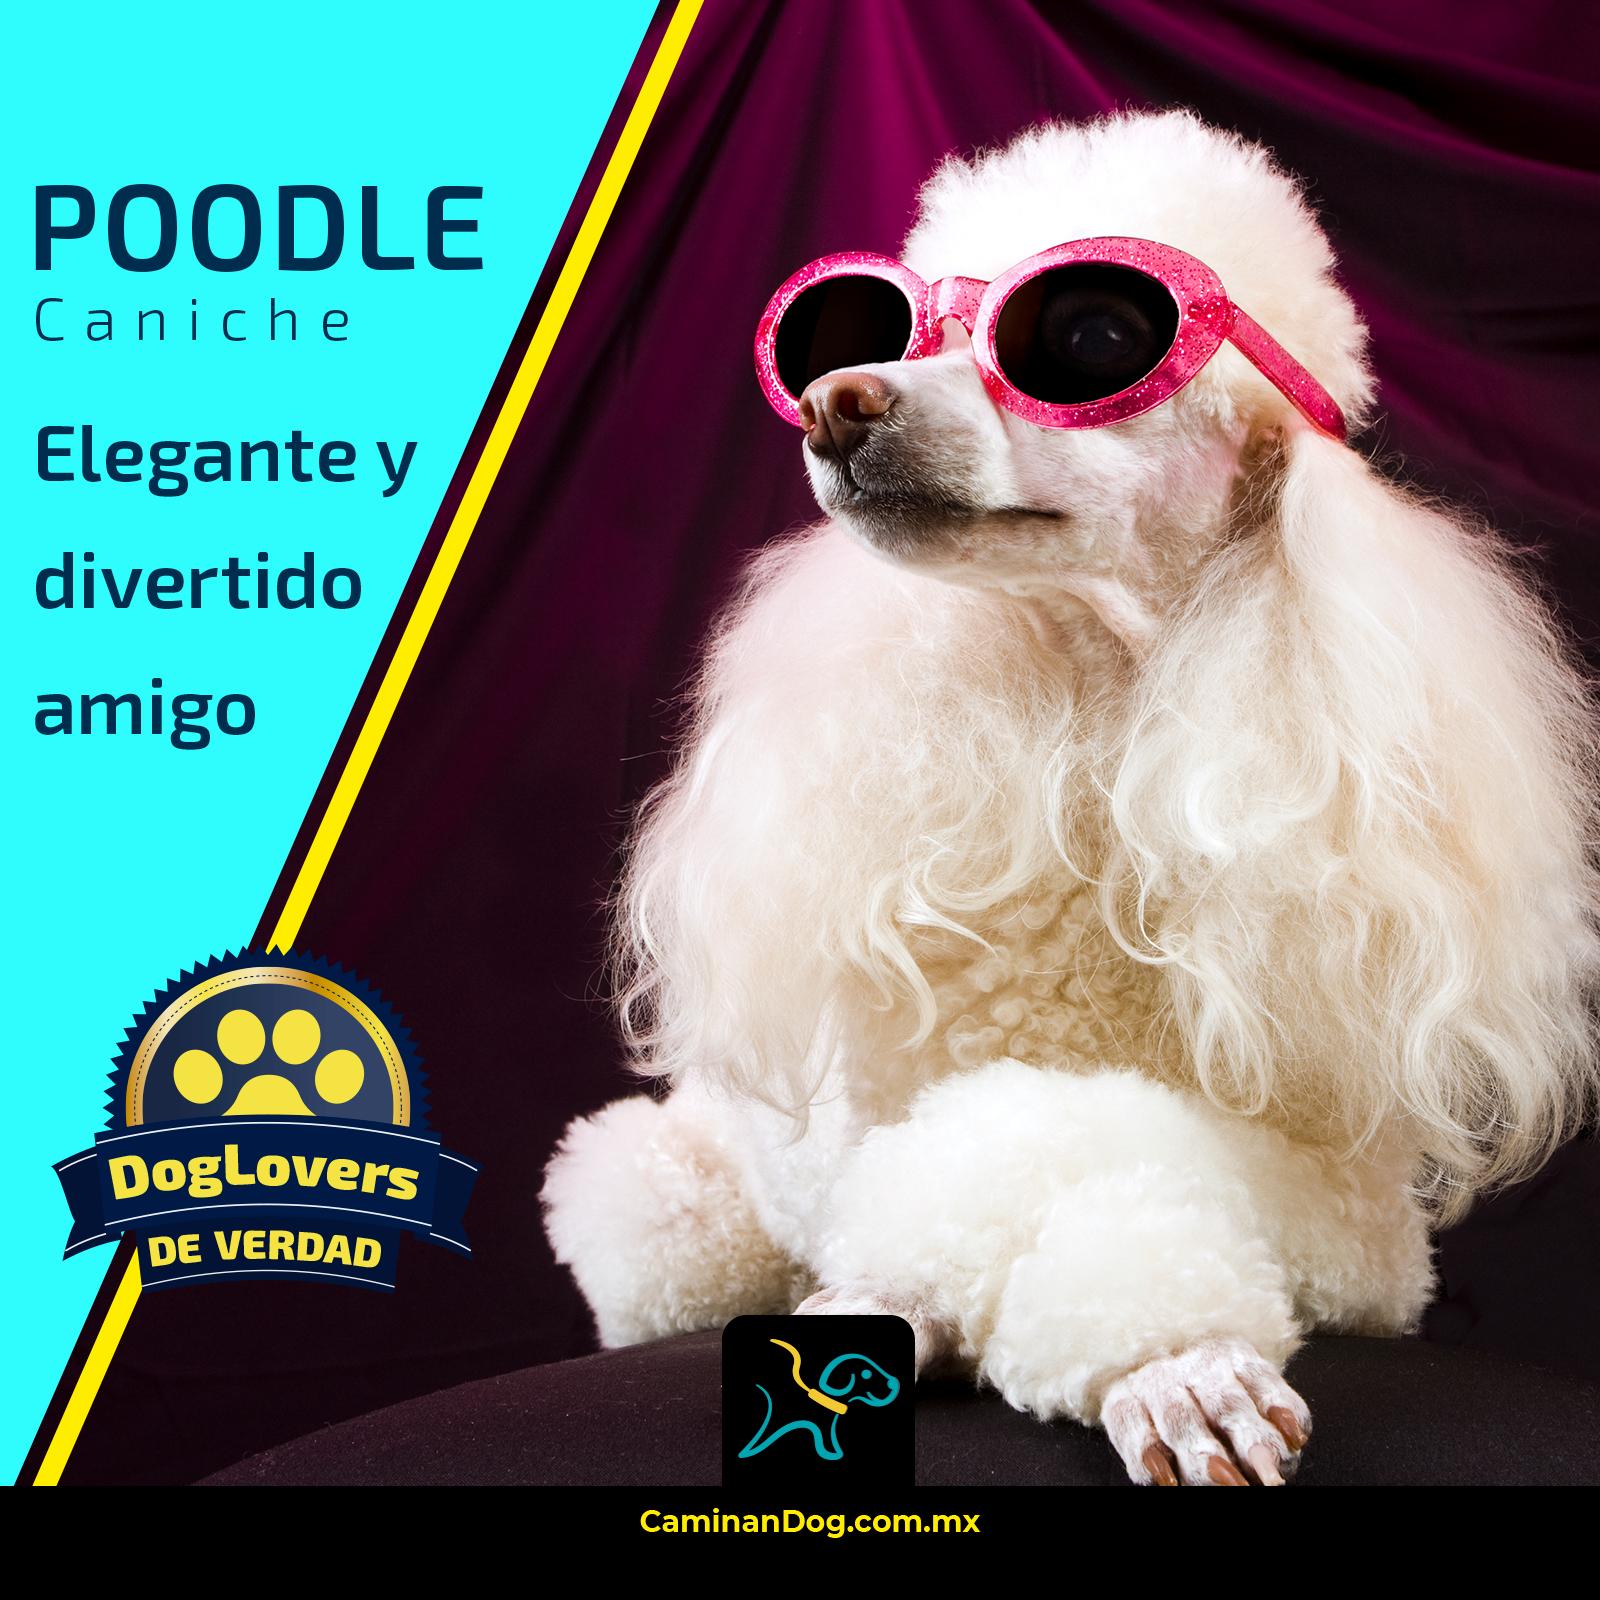 El Poodle